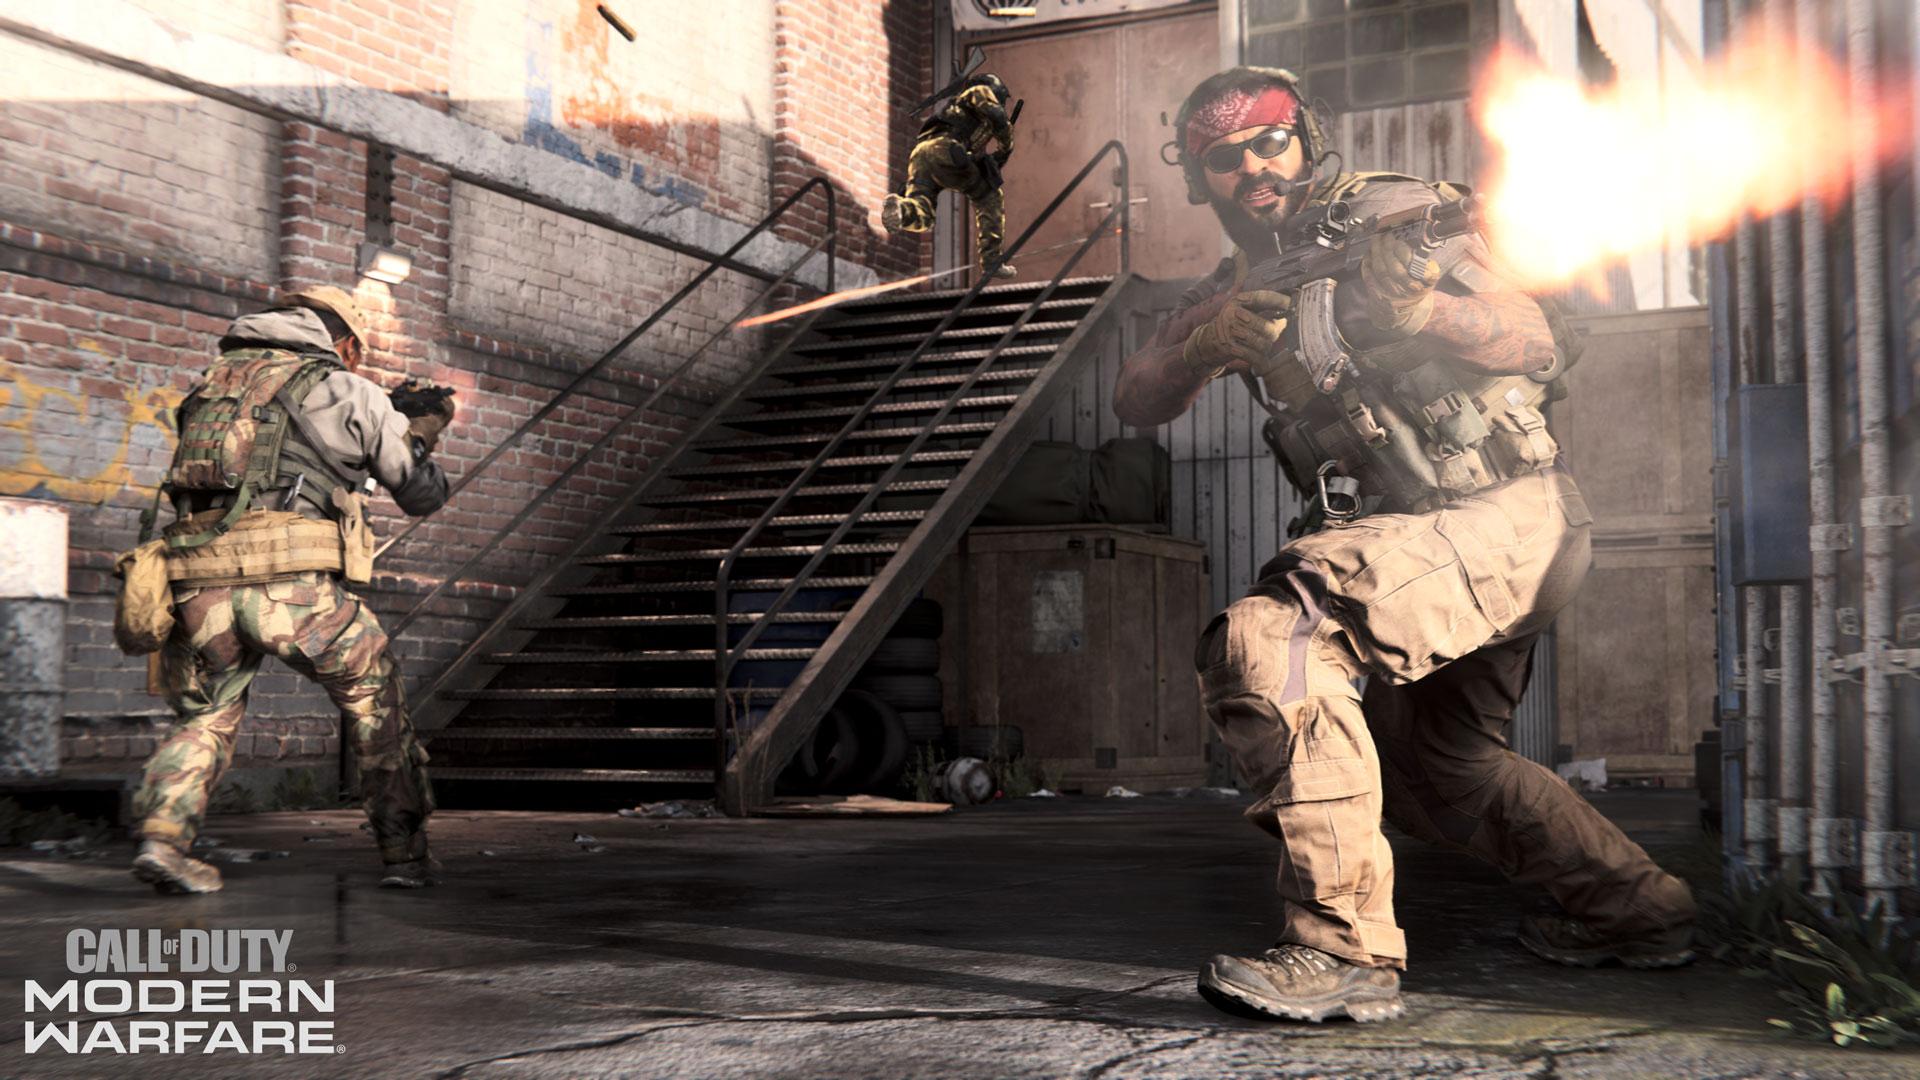 Modern Warfare's Hackney Yard.